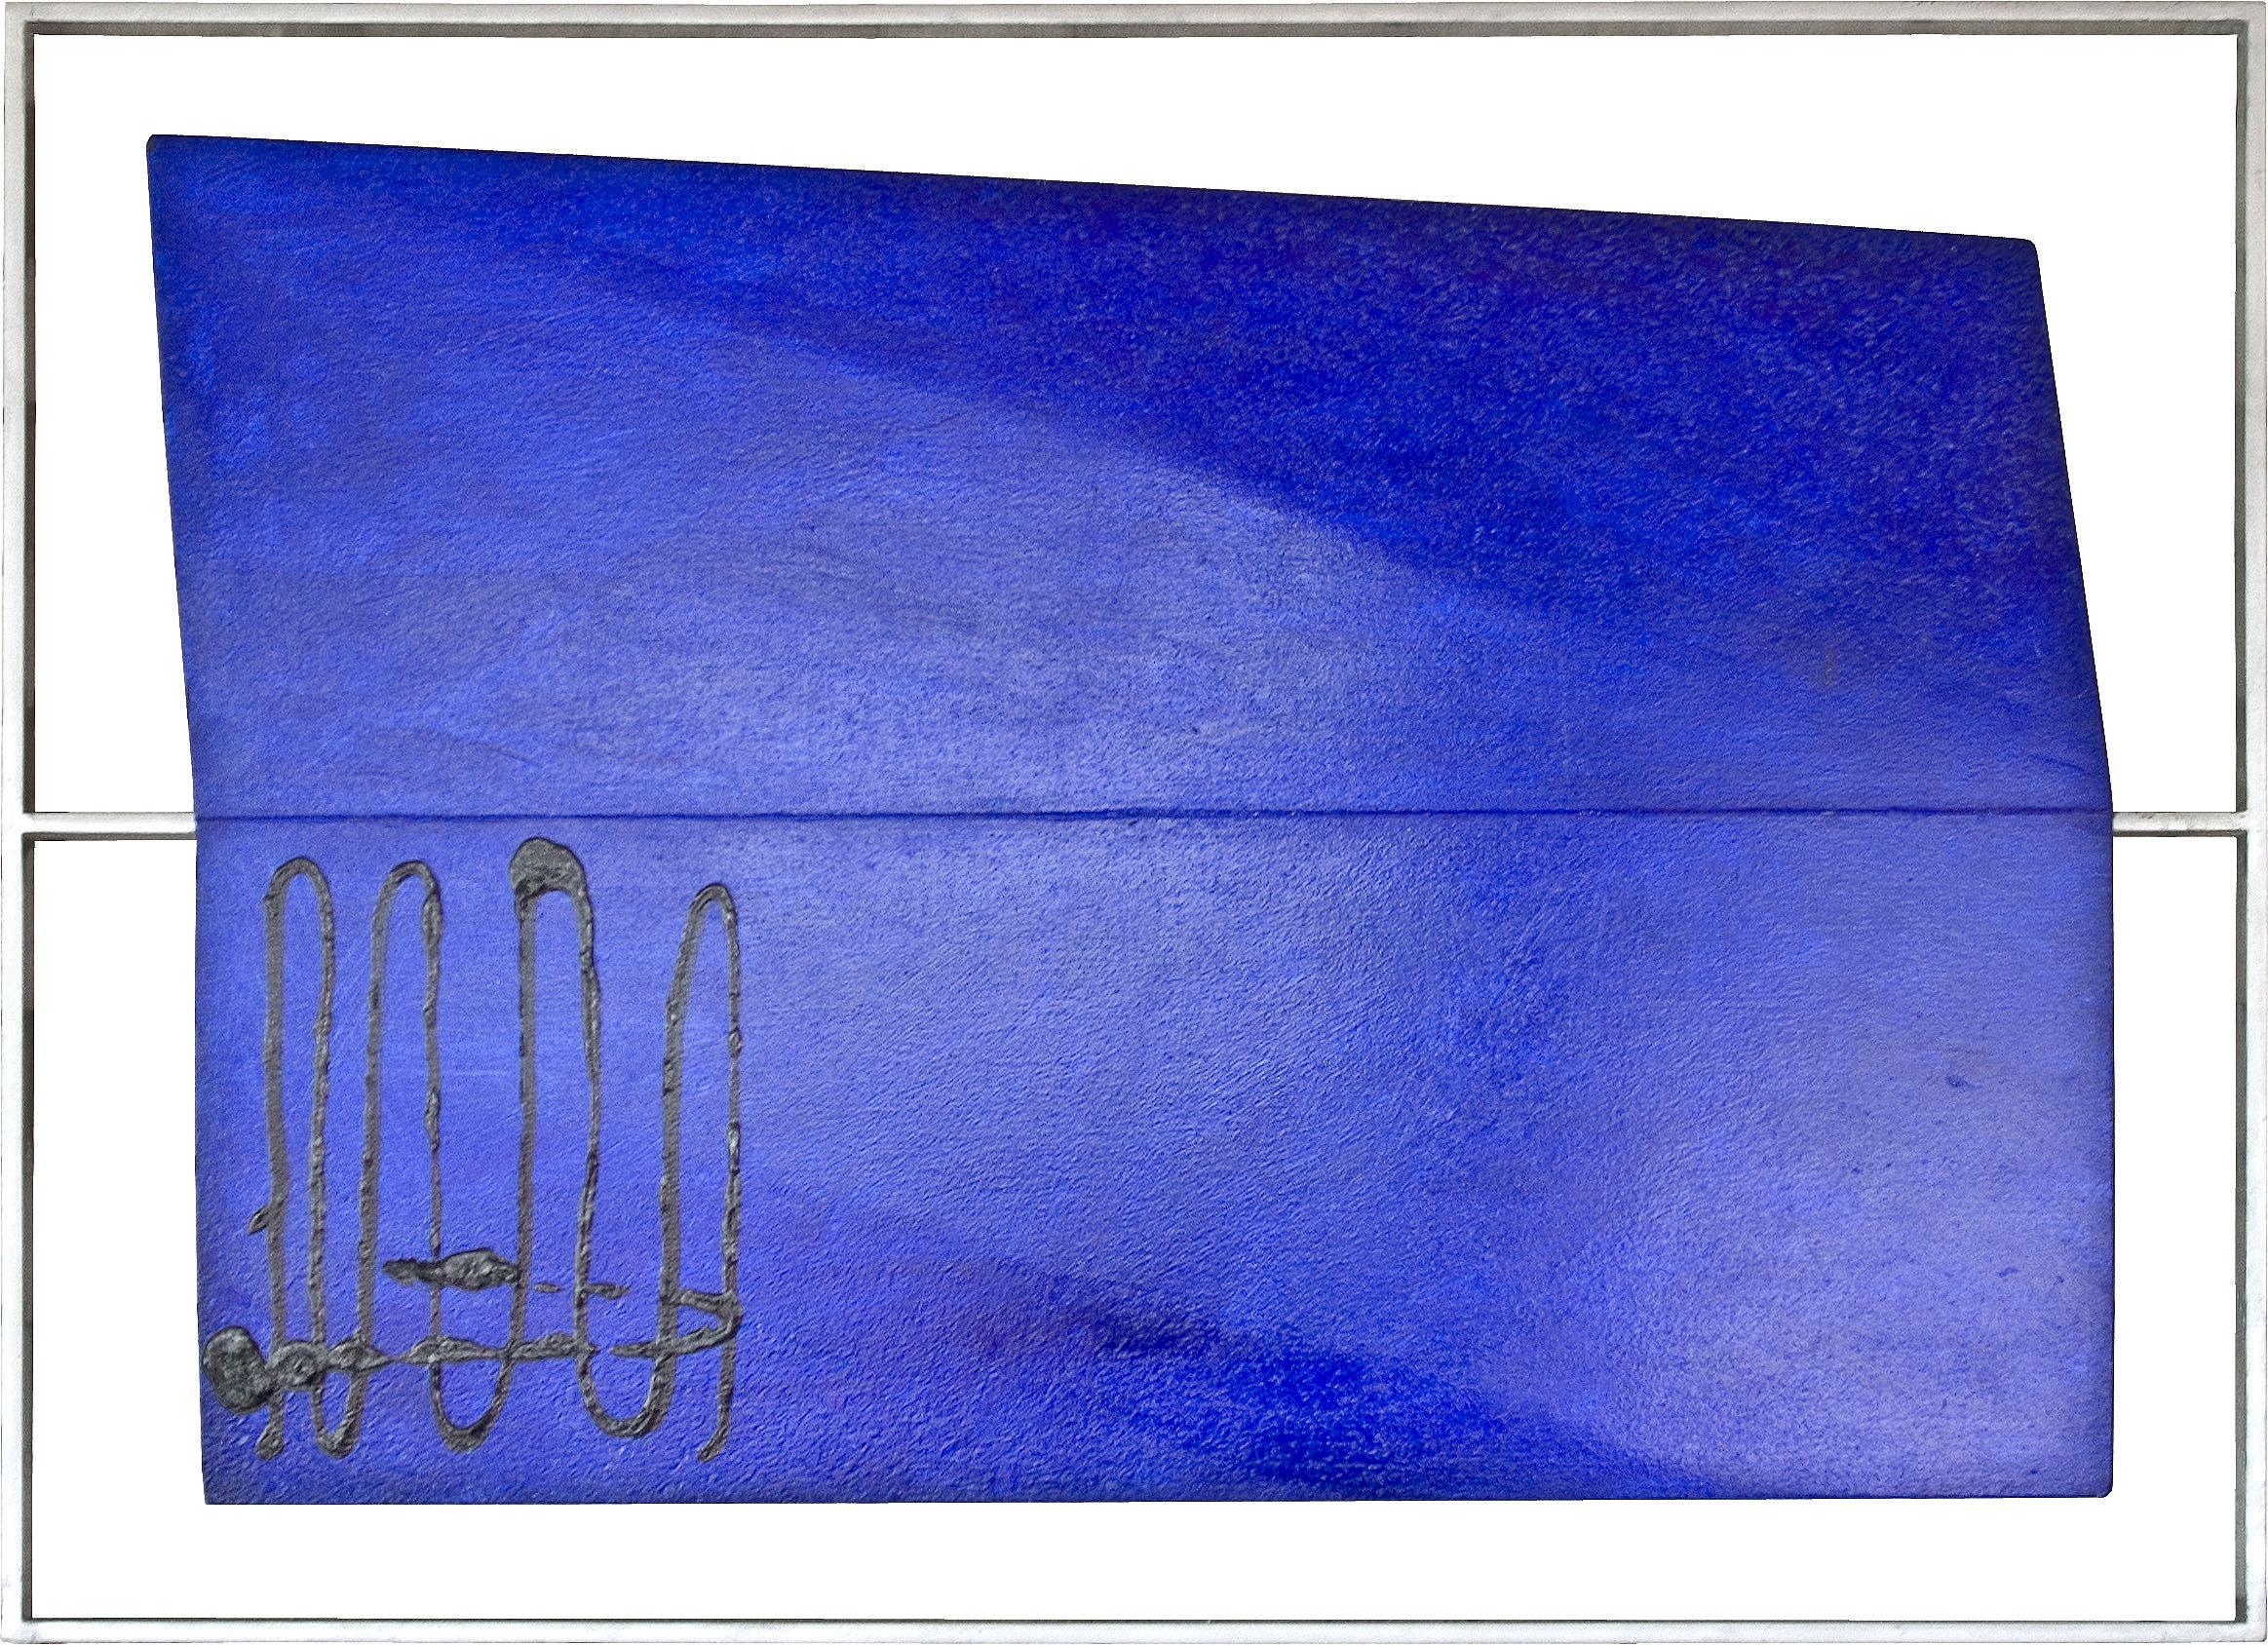 akril, les, 33 železo, 60 x 82 cm, 1994